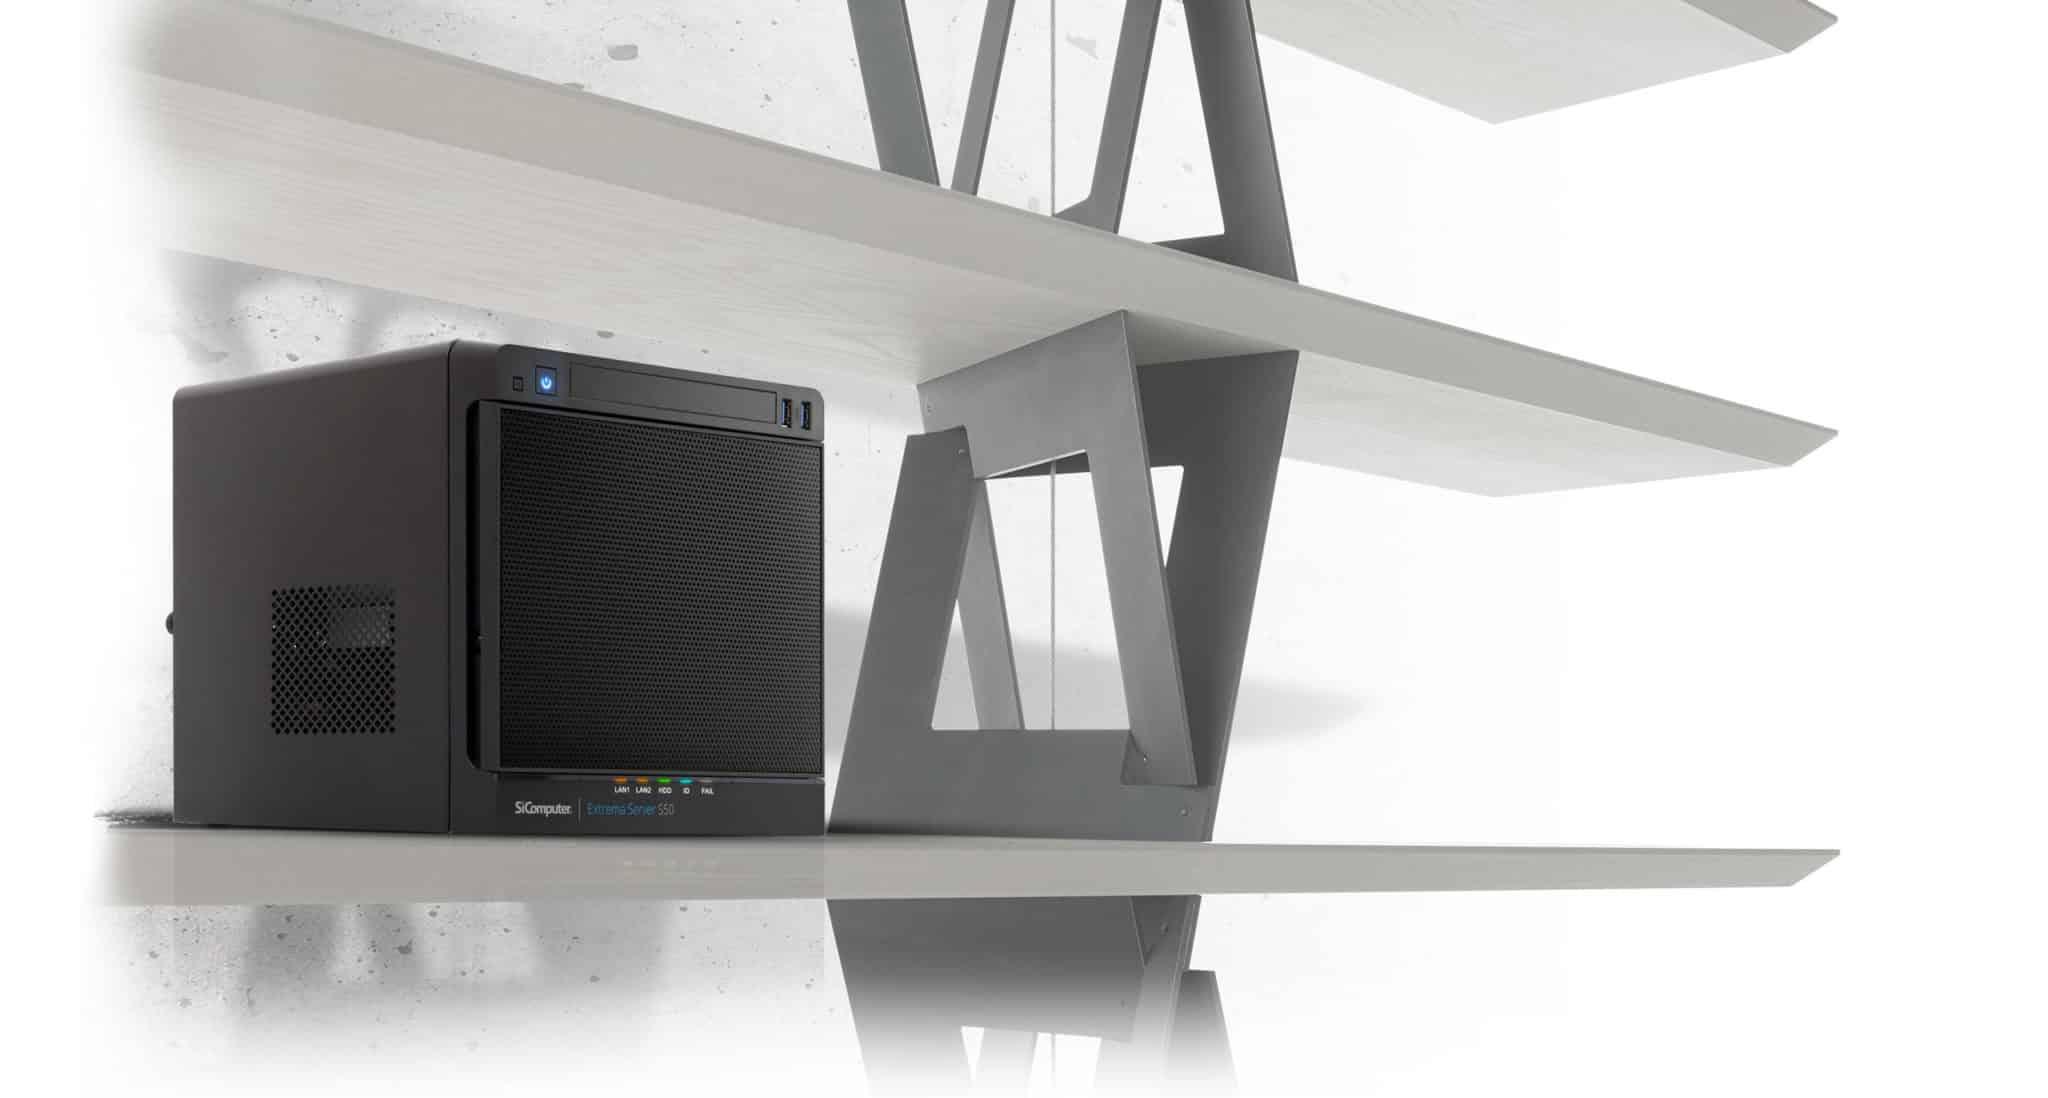 Extrema Server S50